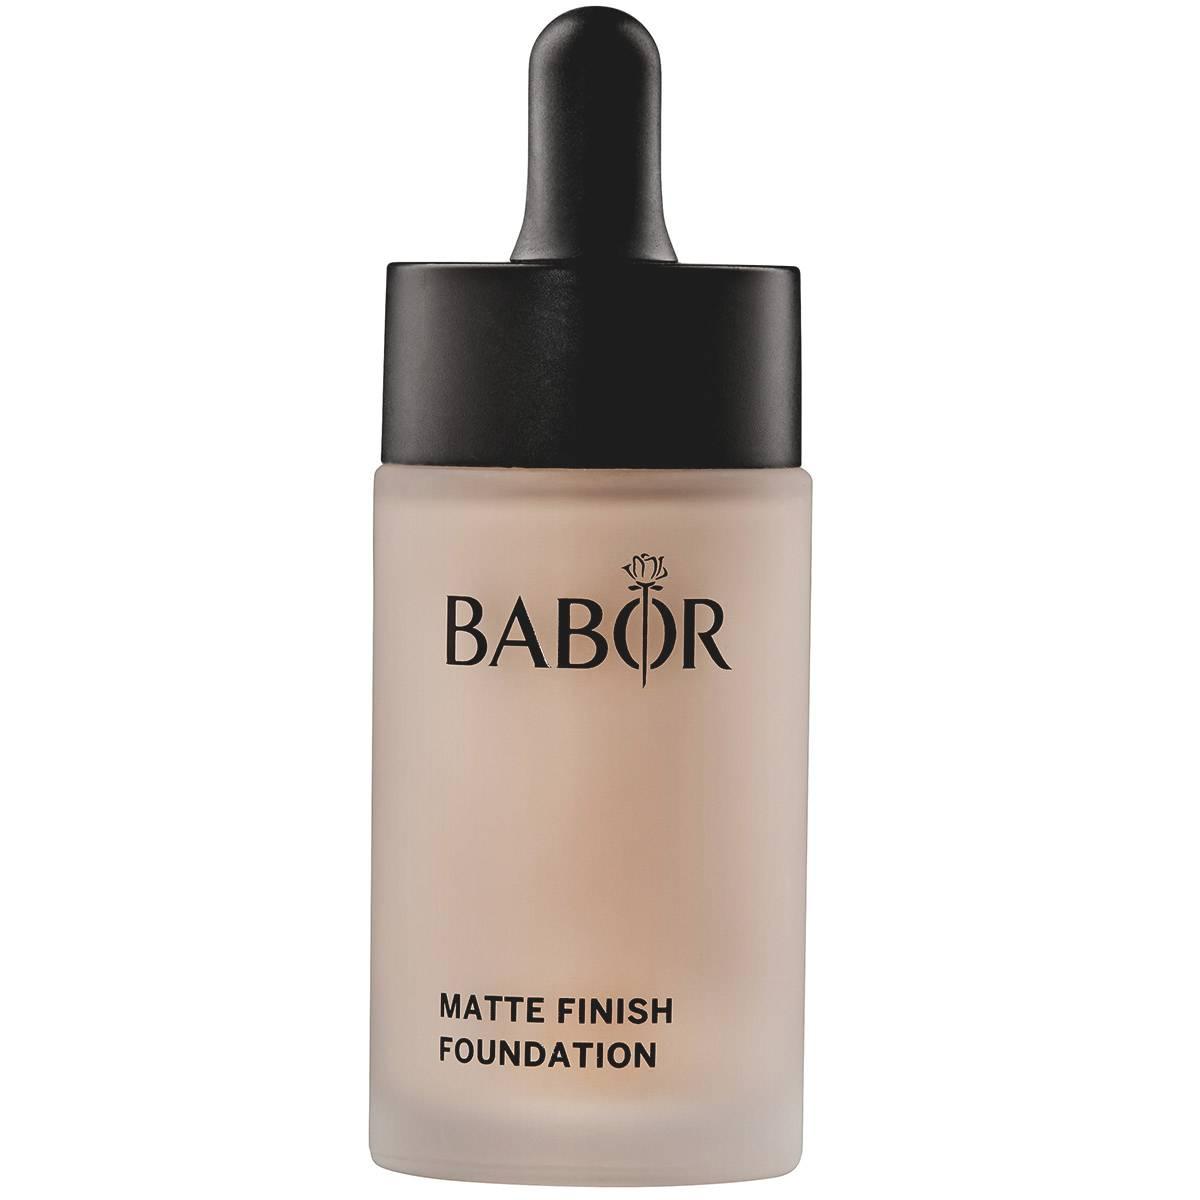 Babor Matte Finish Foundation 02 Ivory 30ml